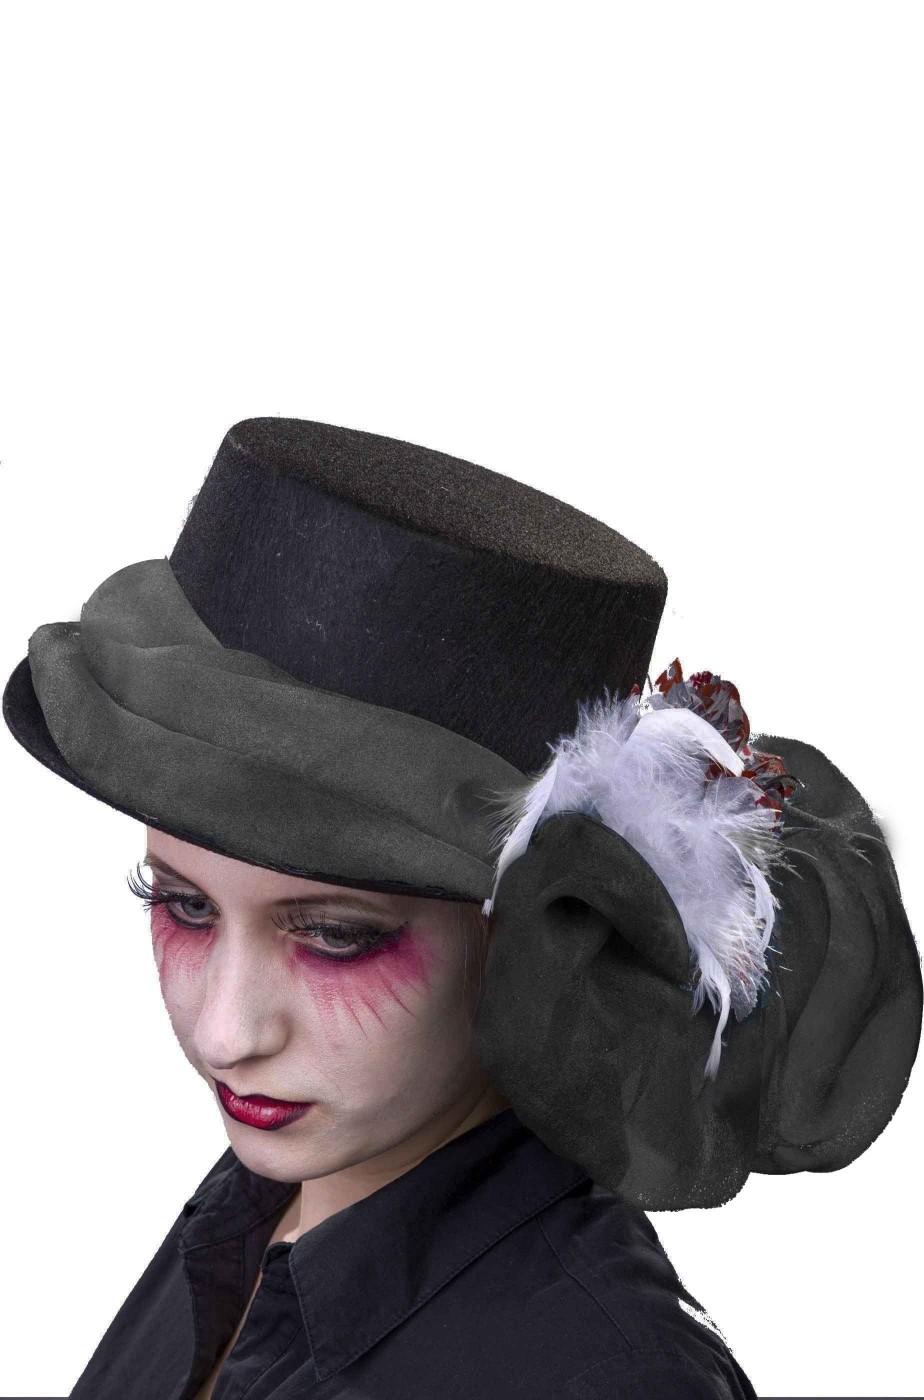 Eccezionale Cappello vintage anni 20 o 30 nero donna con fiocco dietro WA41